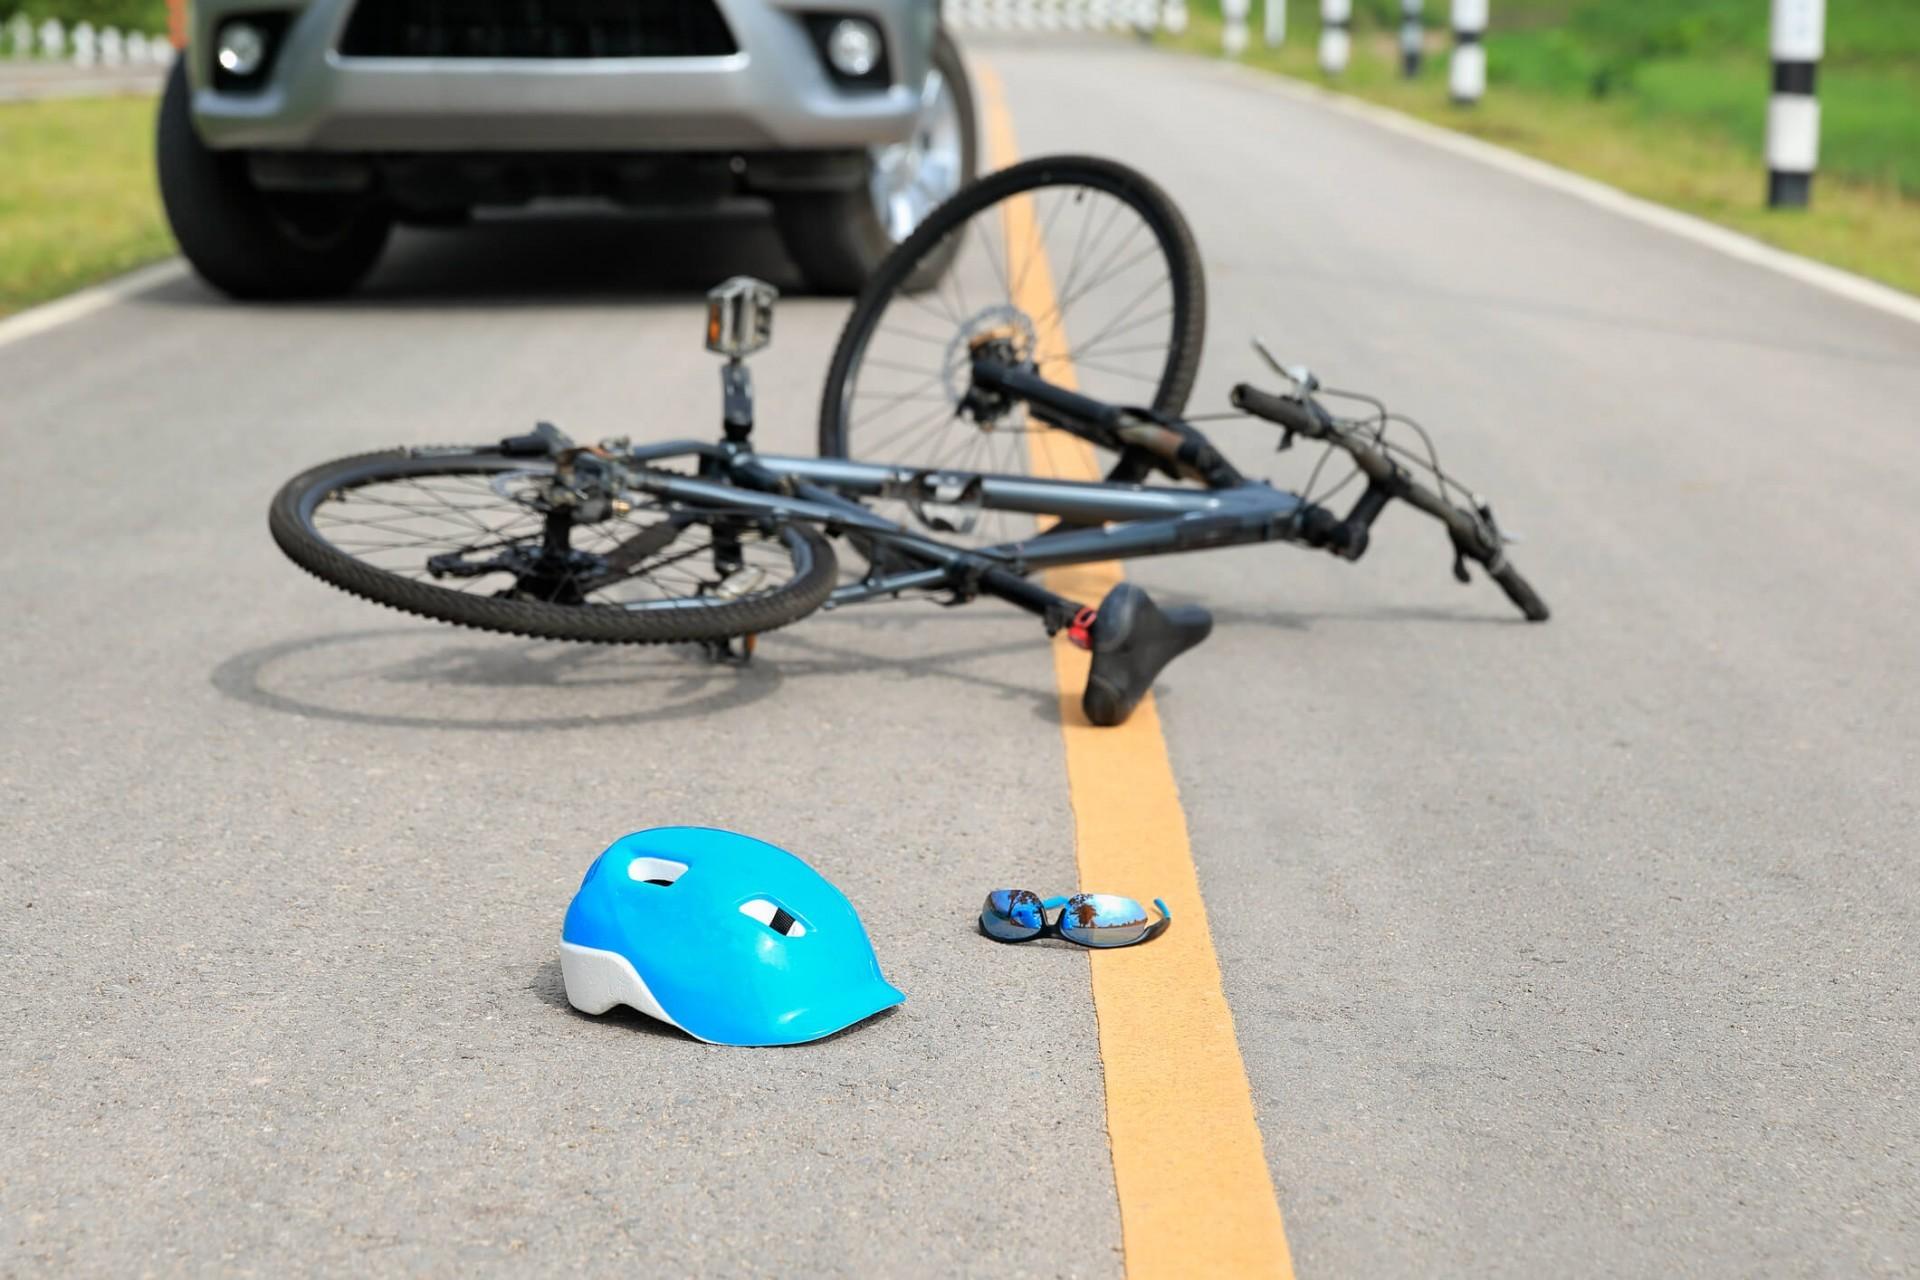 ביטוח תאונות אישיות כלל ביטוח